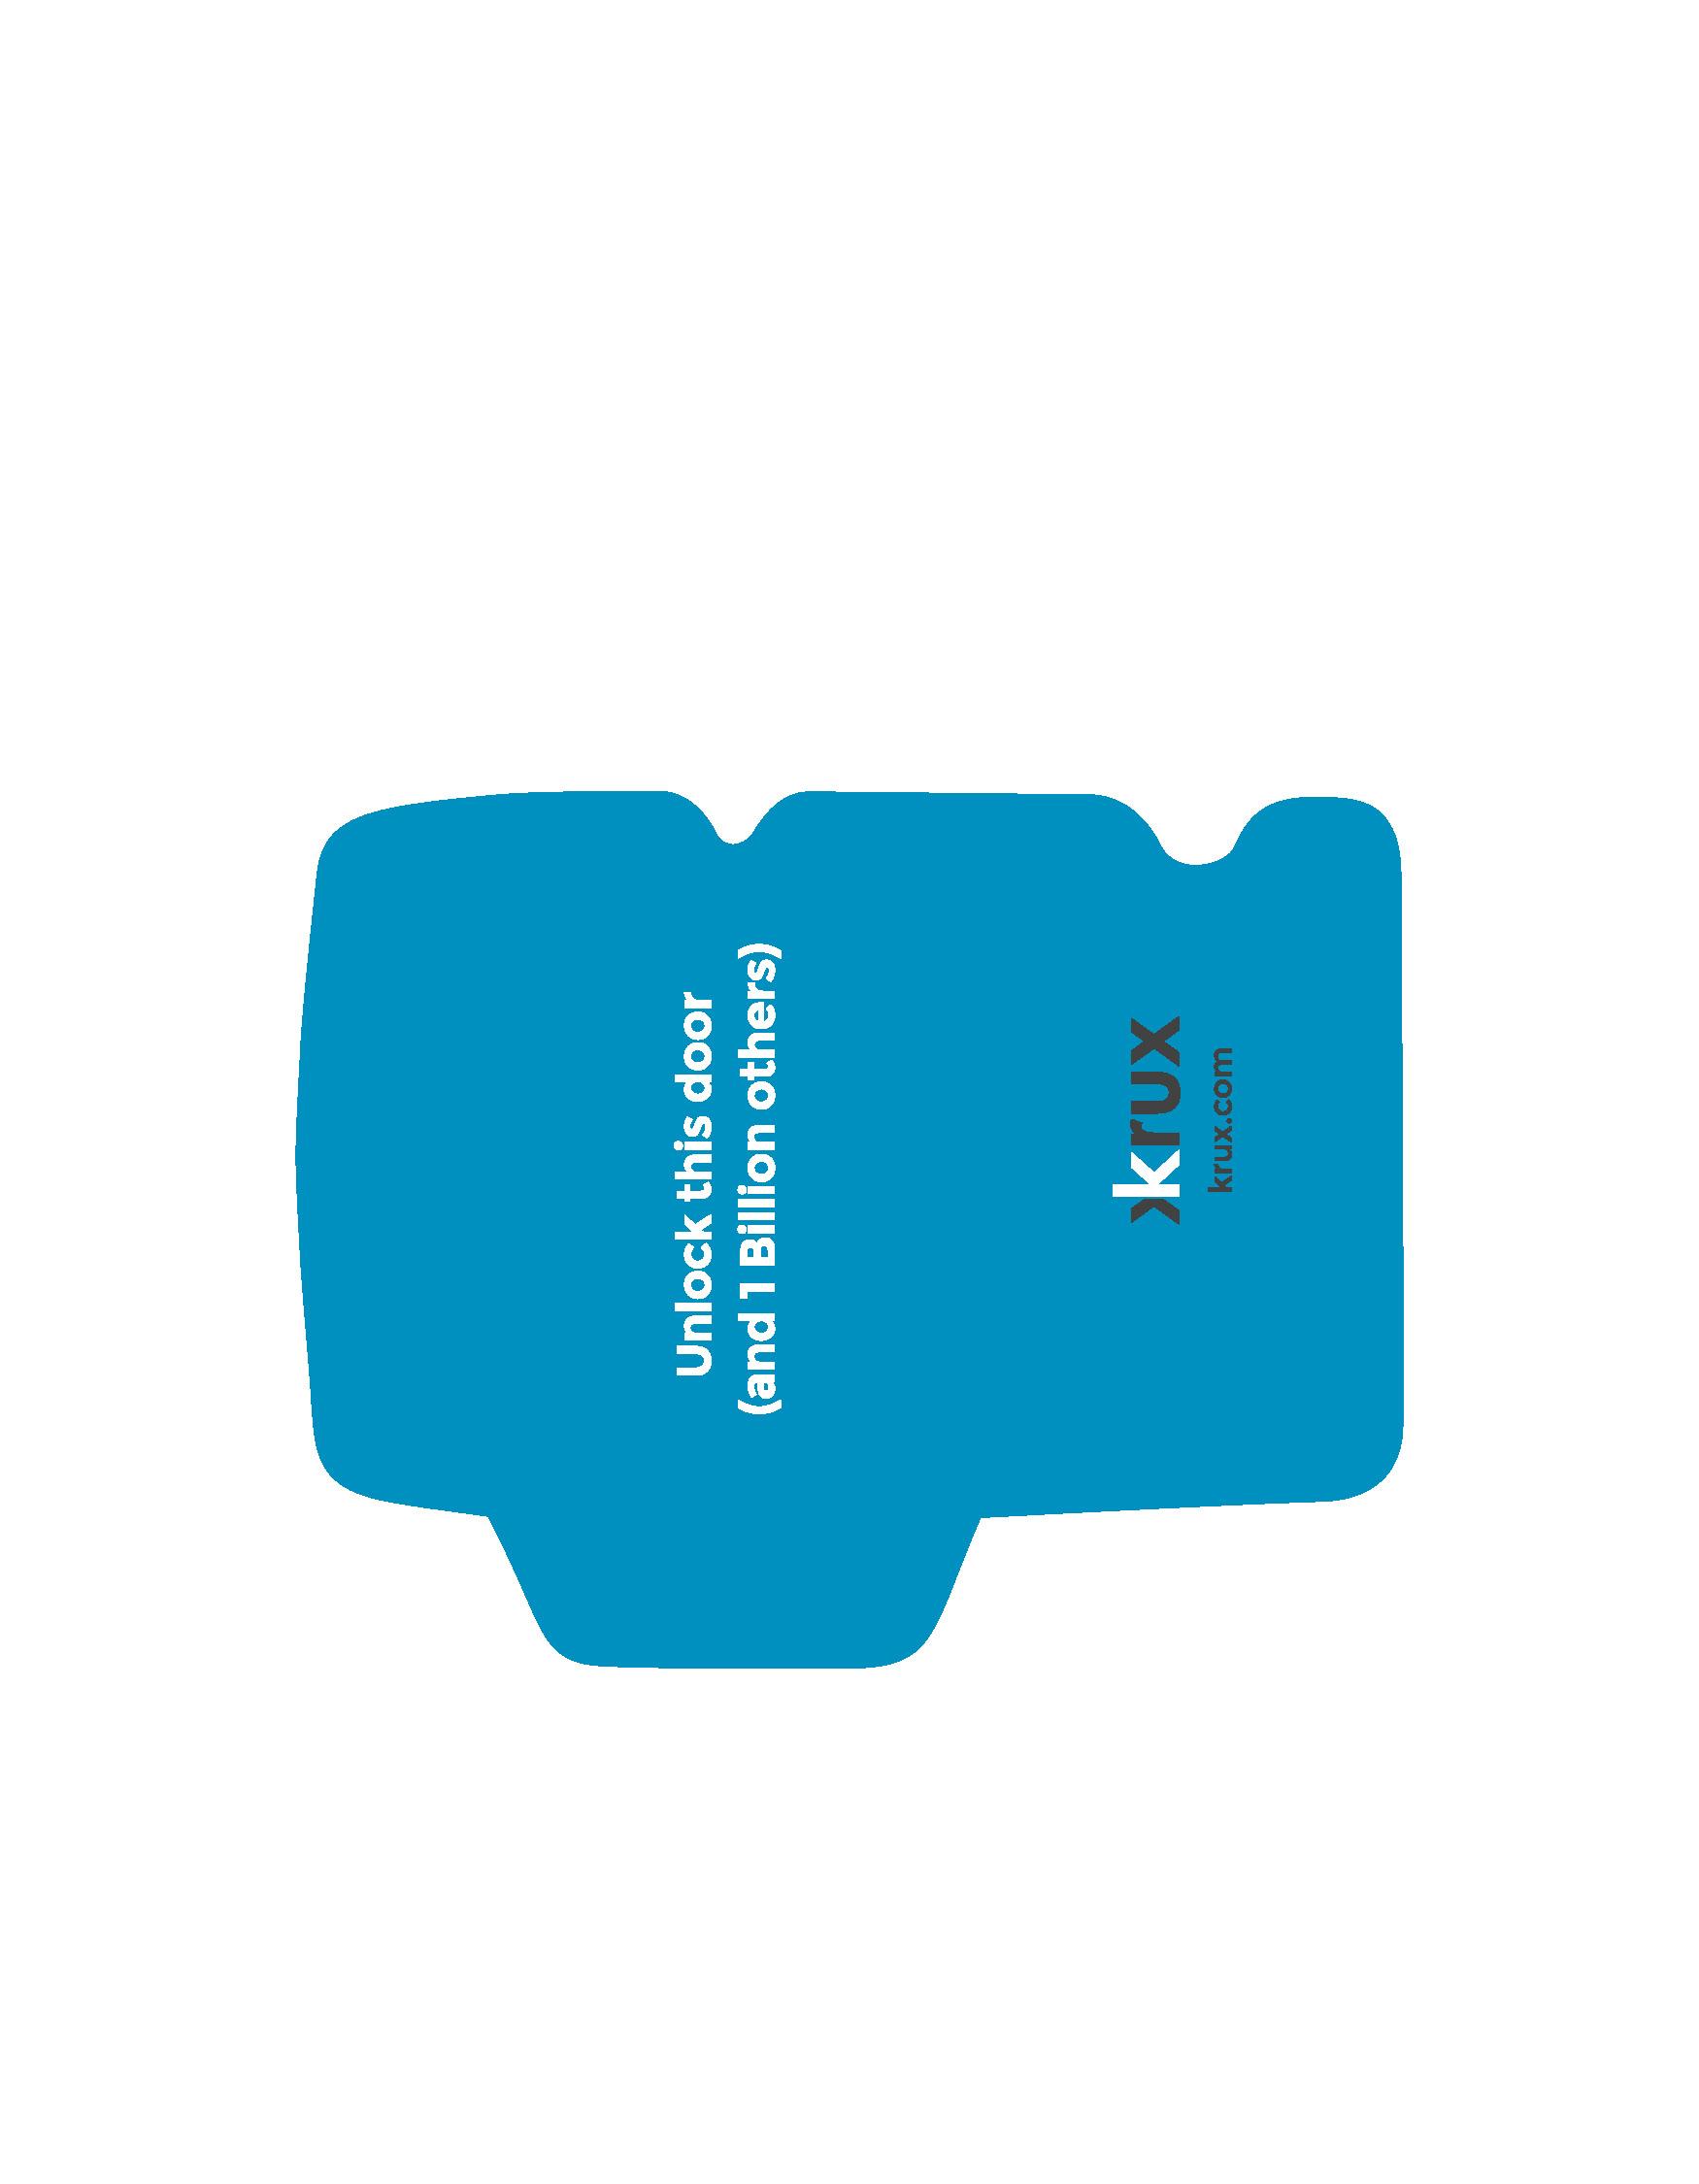 KRUX_keycard_holder-blue_02.jpg